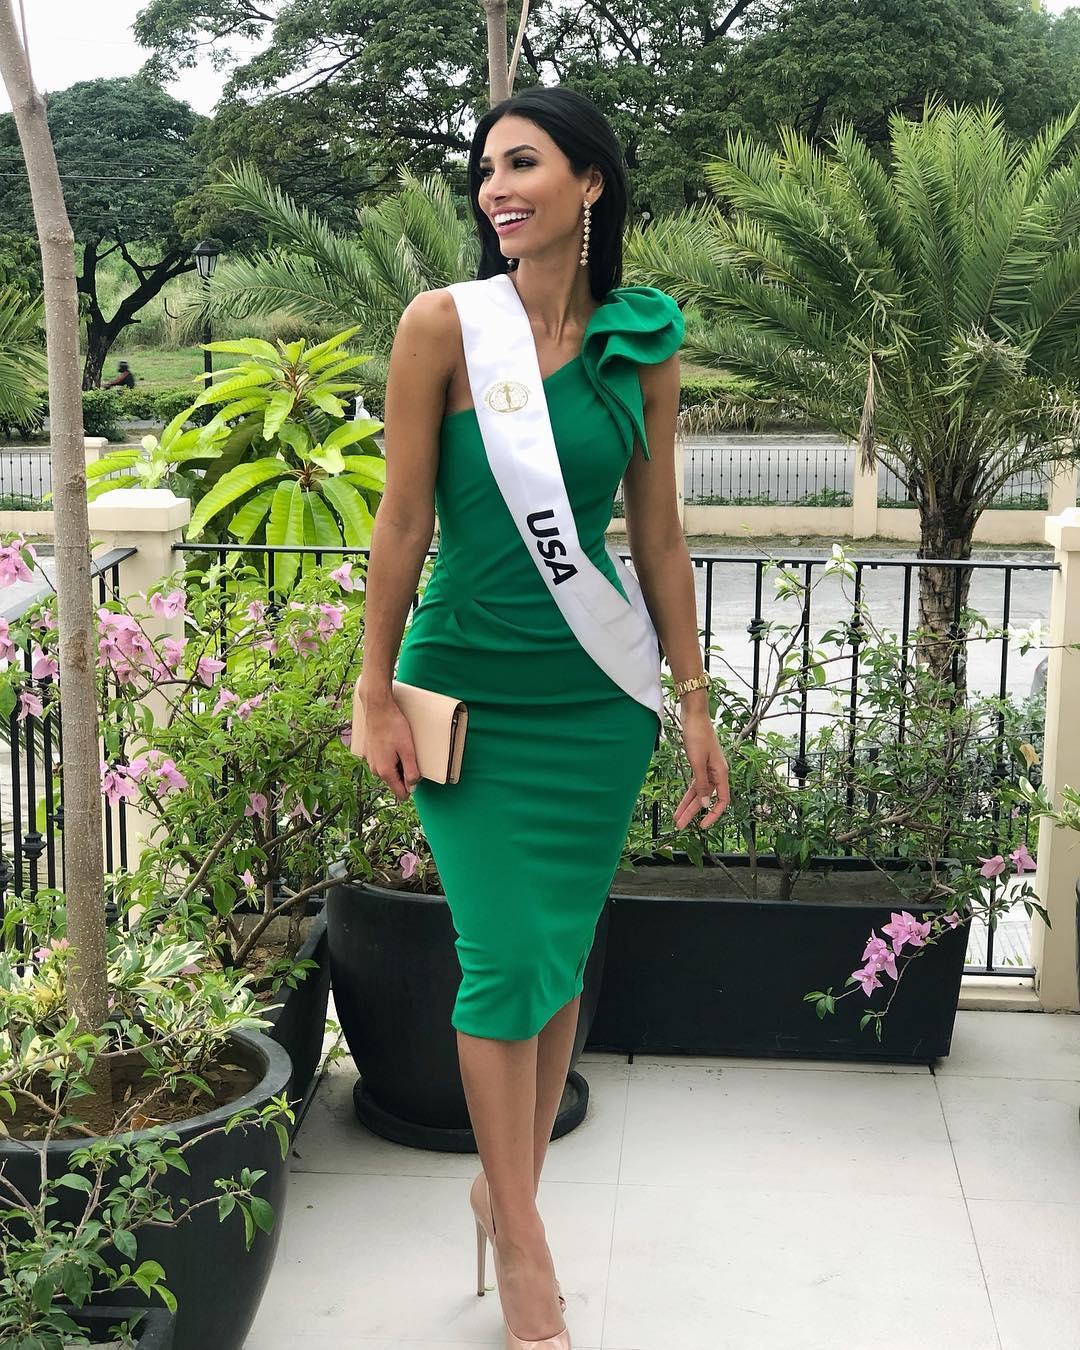 marianny egurrola, top 20 de miss intercontinental 2018-2019. - Página 5 47691713